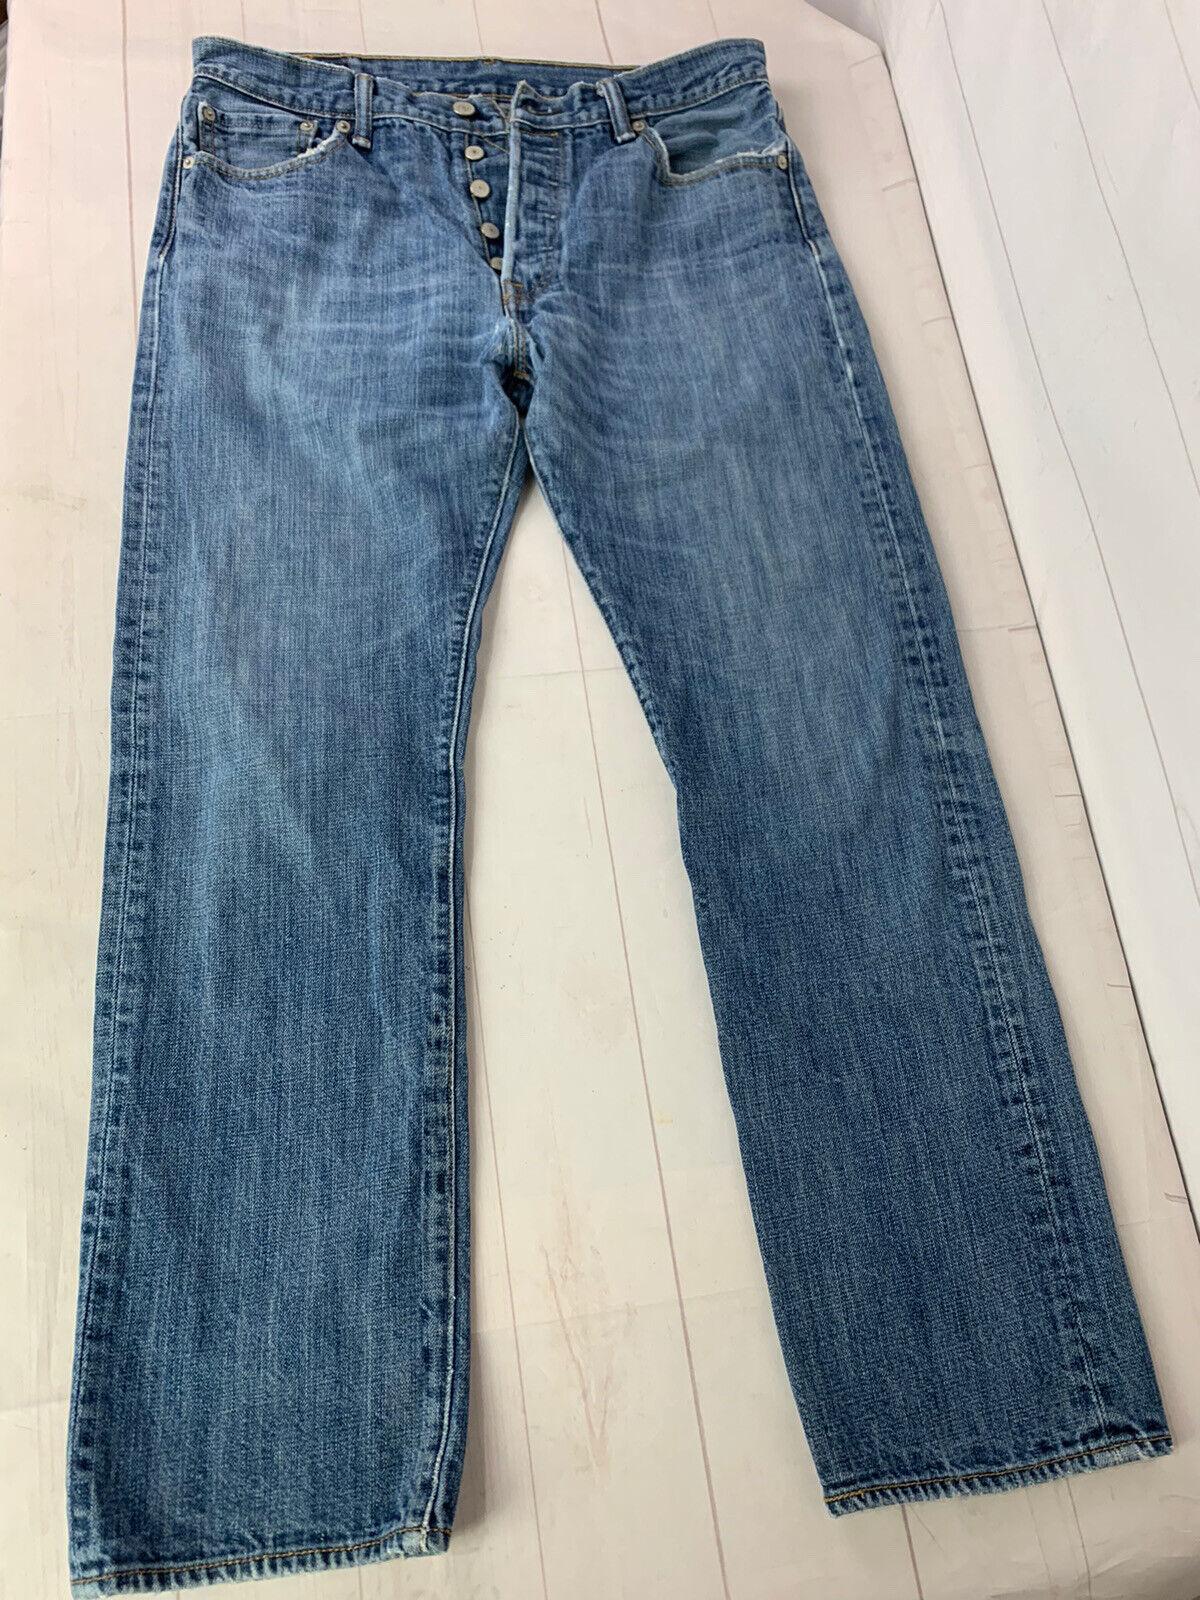 Jeans LEVIS 501 Label Size 34x32 Distressed Blue … - image 7